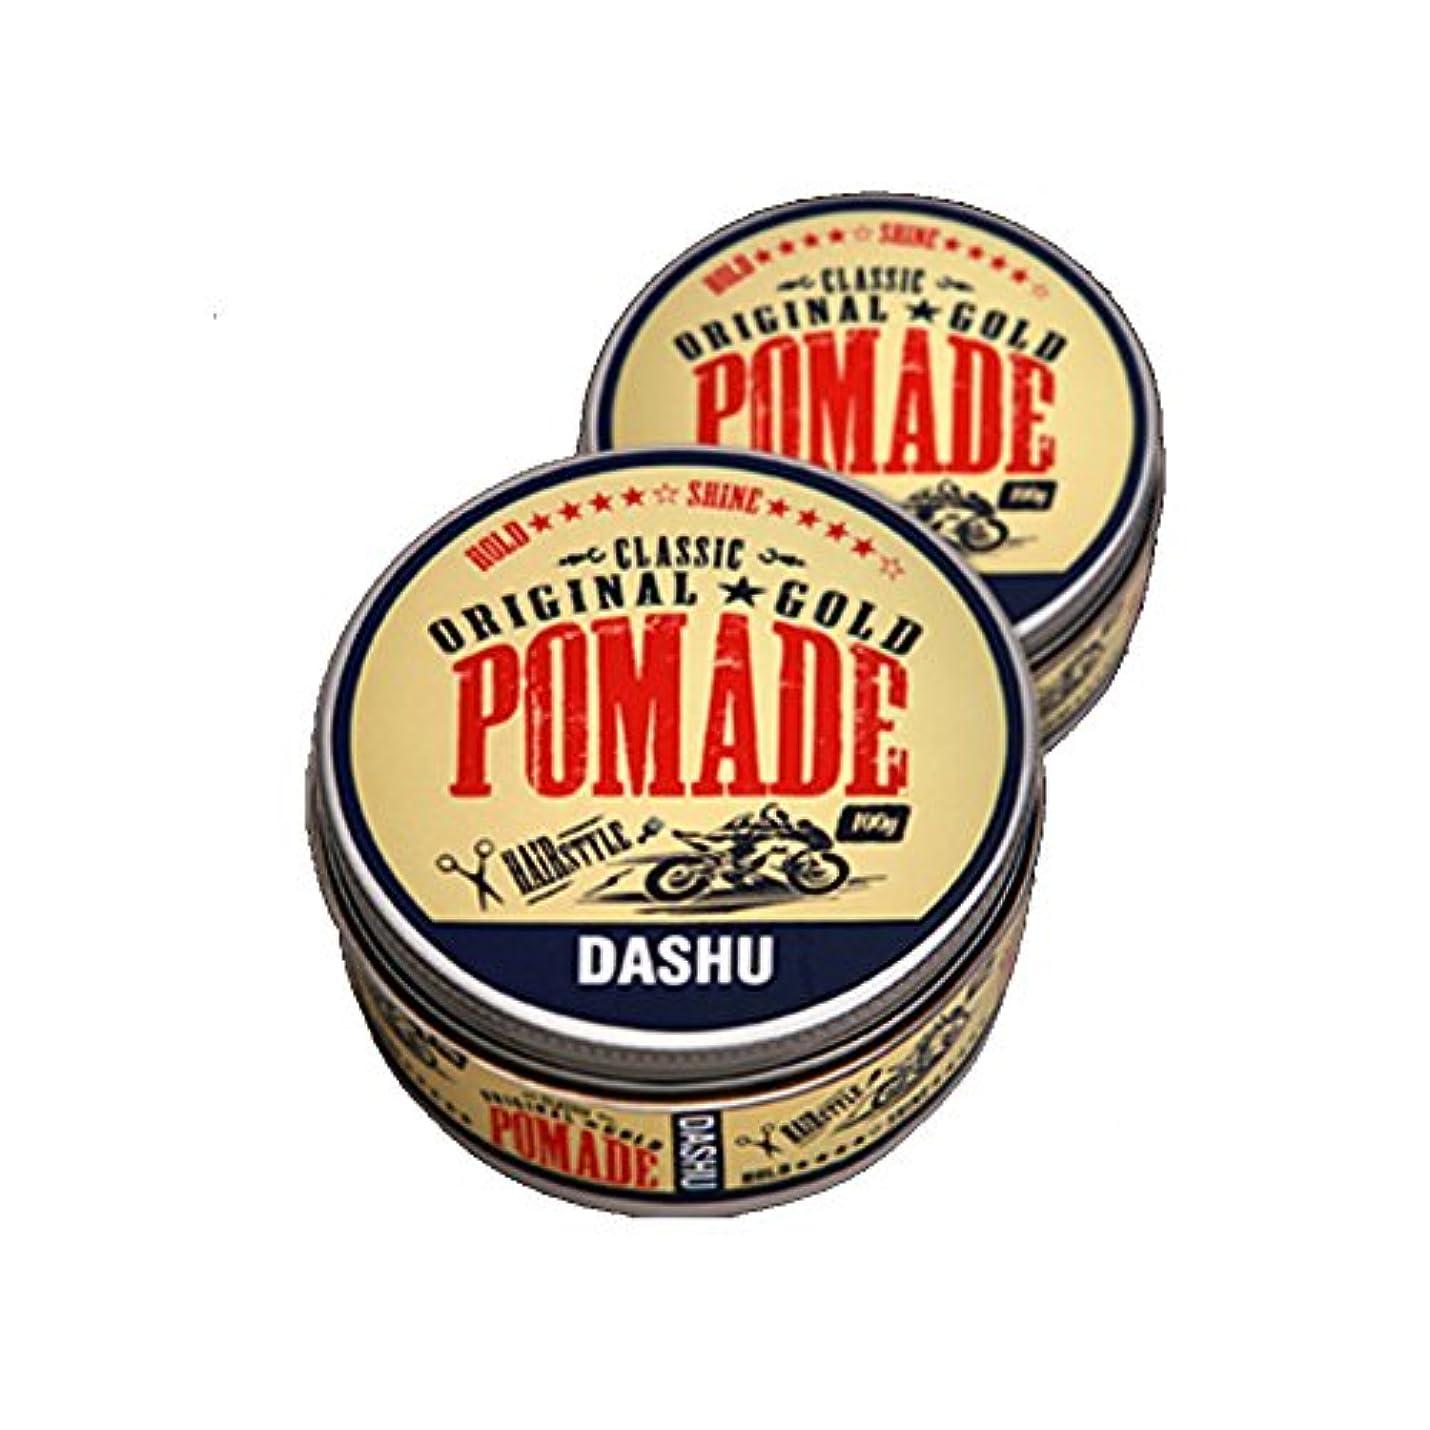 ではごきげんよう能力小道具(2個セット) x [DASHU] ダシュ クラシックオリジナルゴールドポマードヘアワックス Classic Original Gold Pomade Hair Wax 100ml / 韓国製 . 韓国直送品